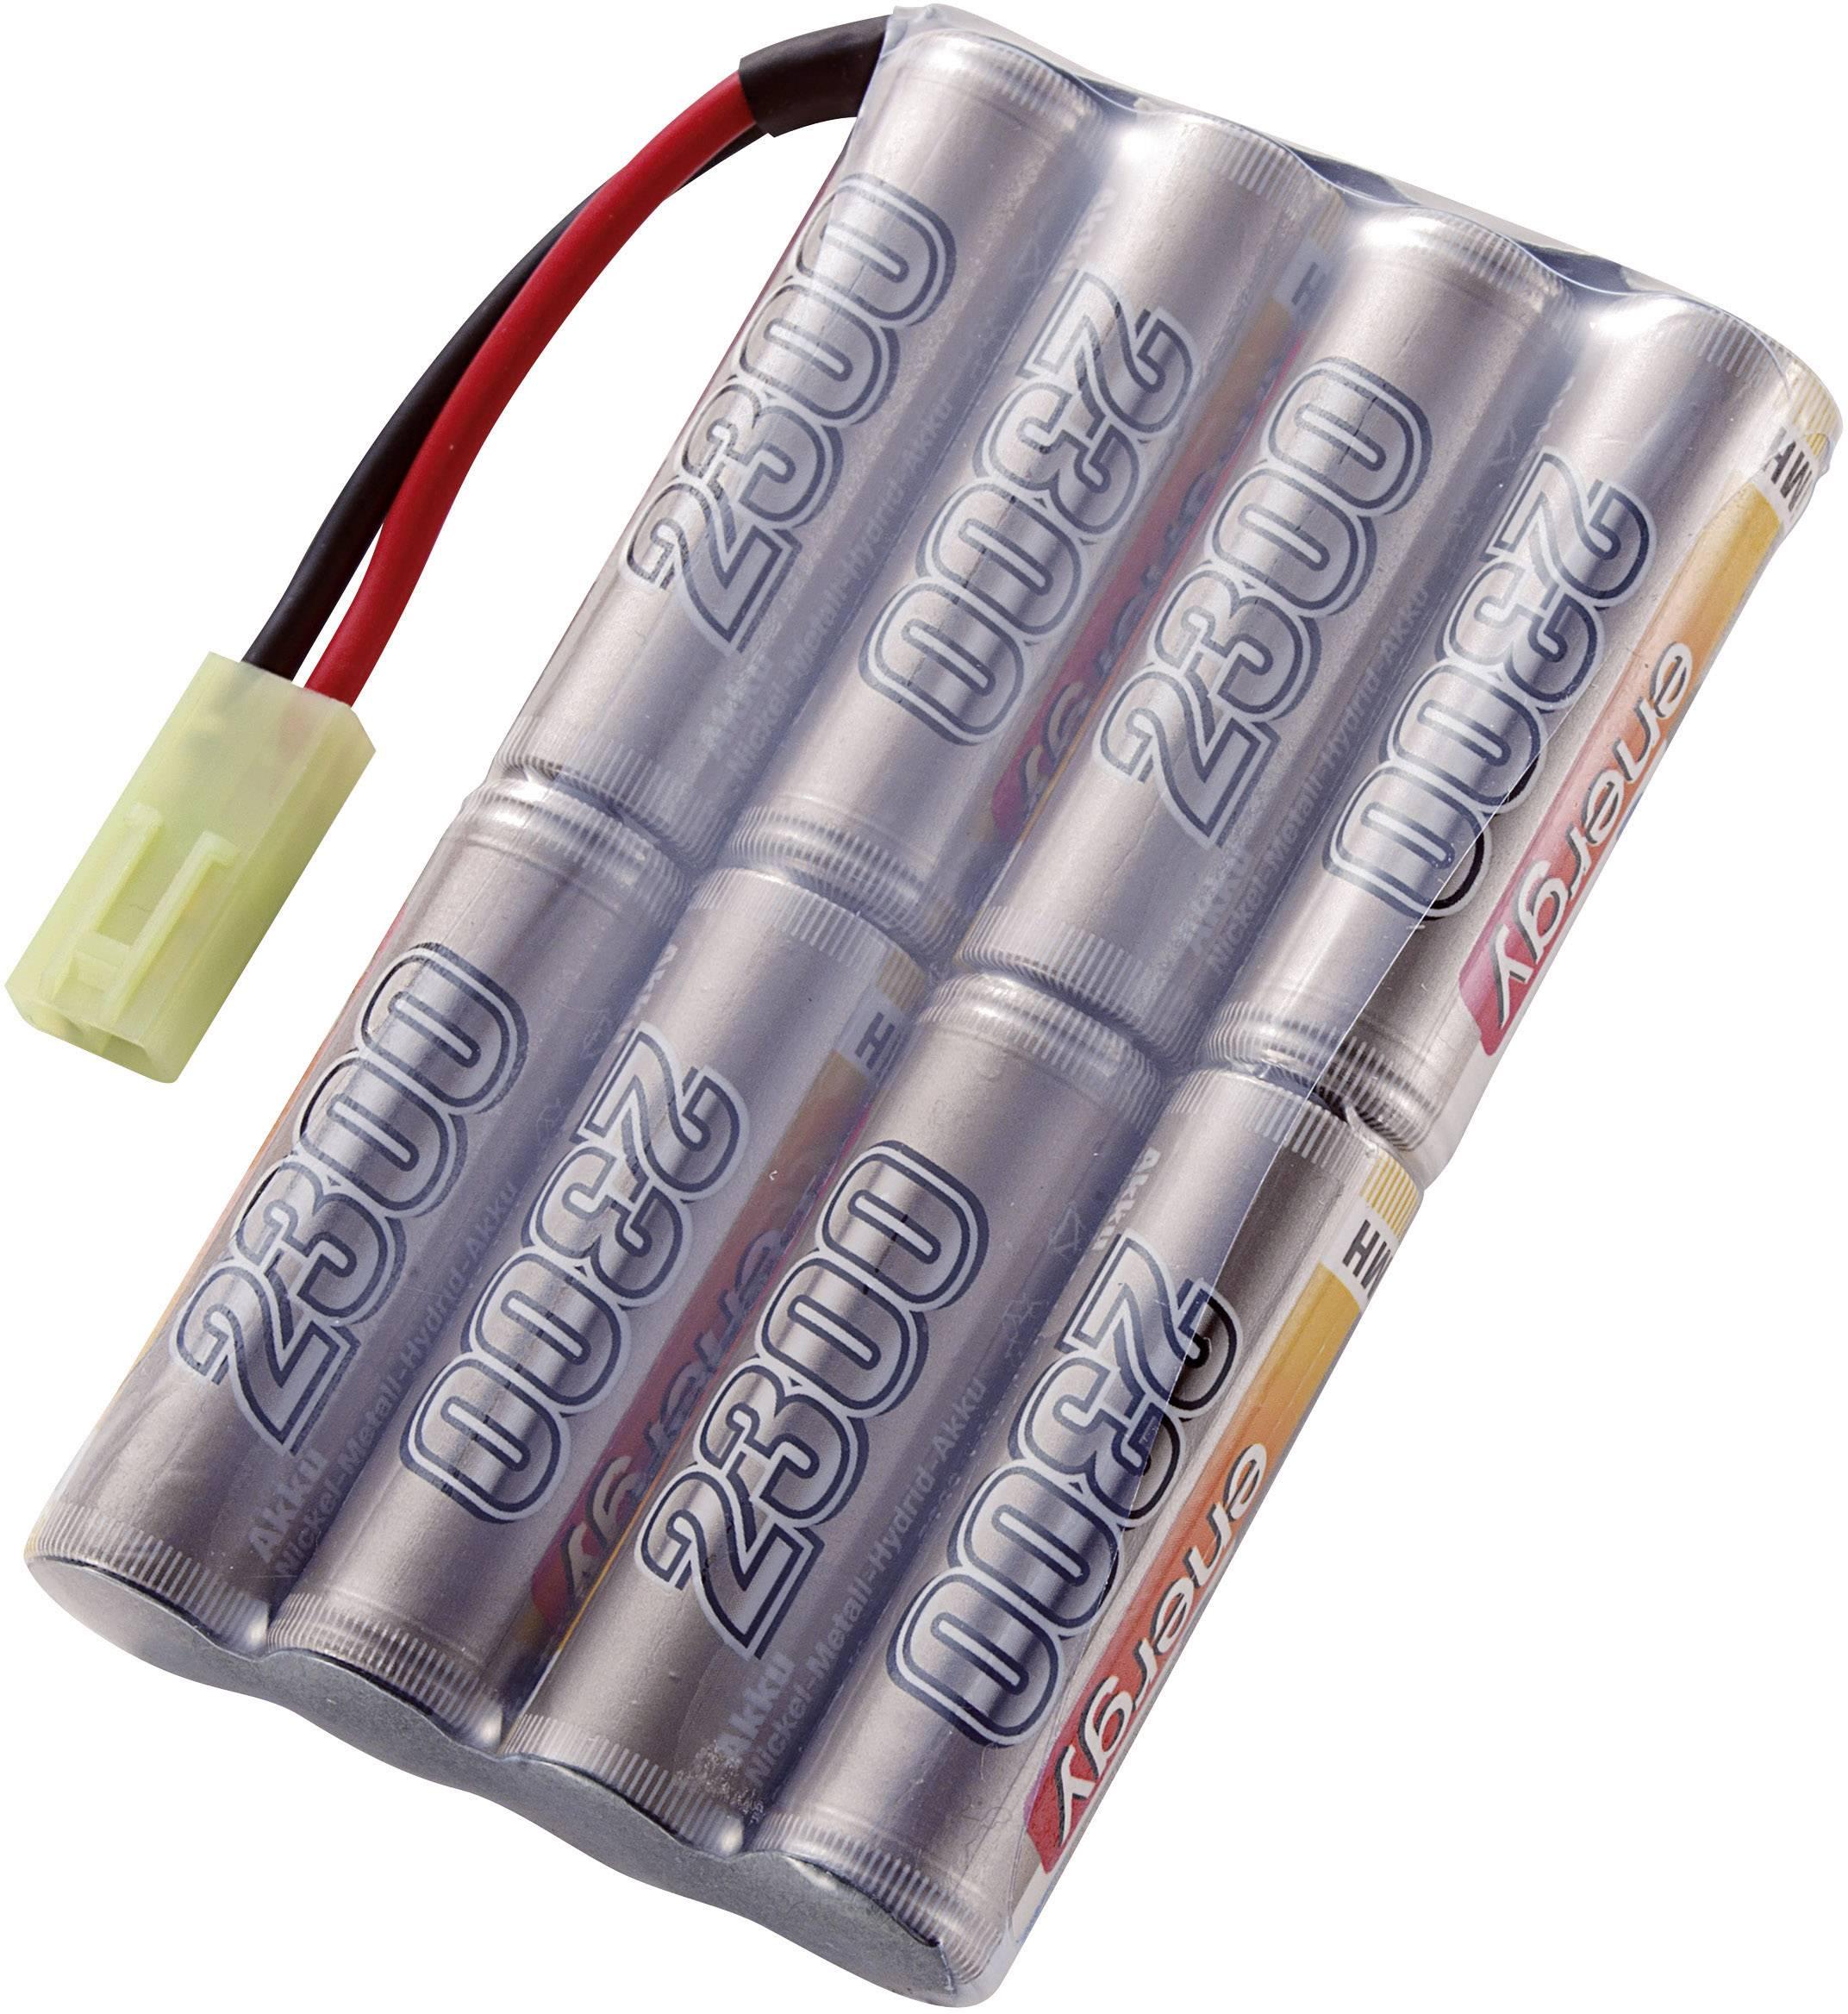 Akupack NiMH (modelářství) Conrad energy 206672, 9.6 V, 2300 mAh